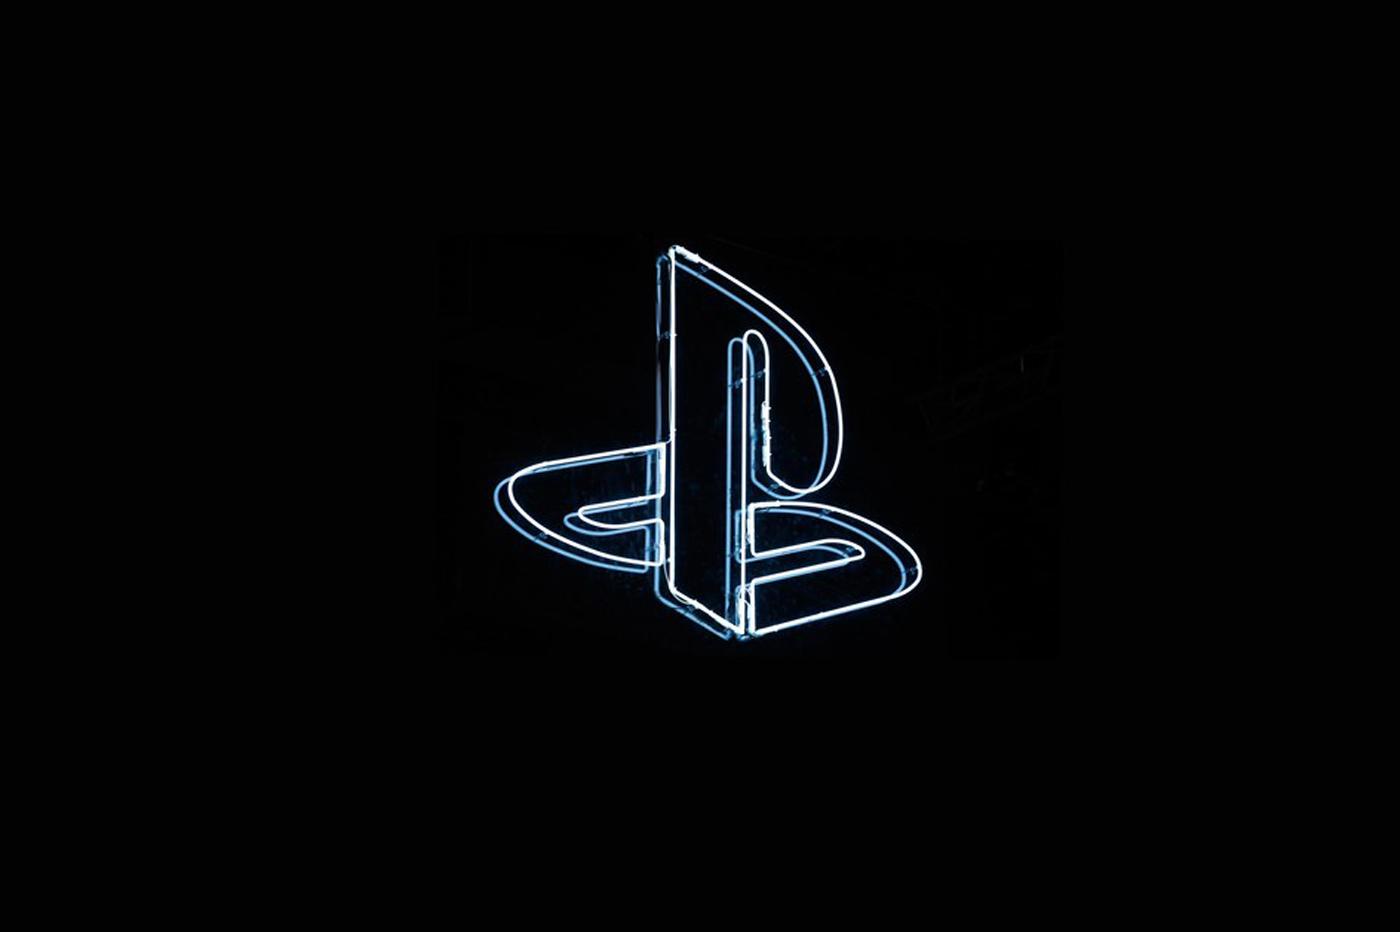 C'est officiel, la PlayStation 5 sera lancée pour les fêtes de fin d'année 2020